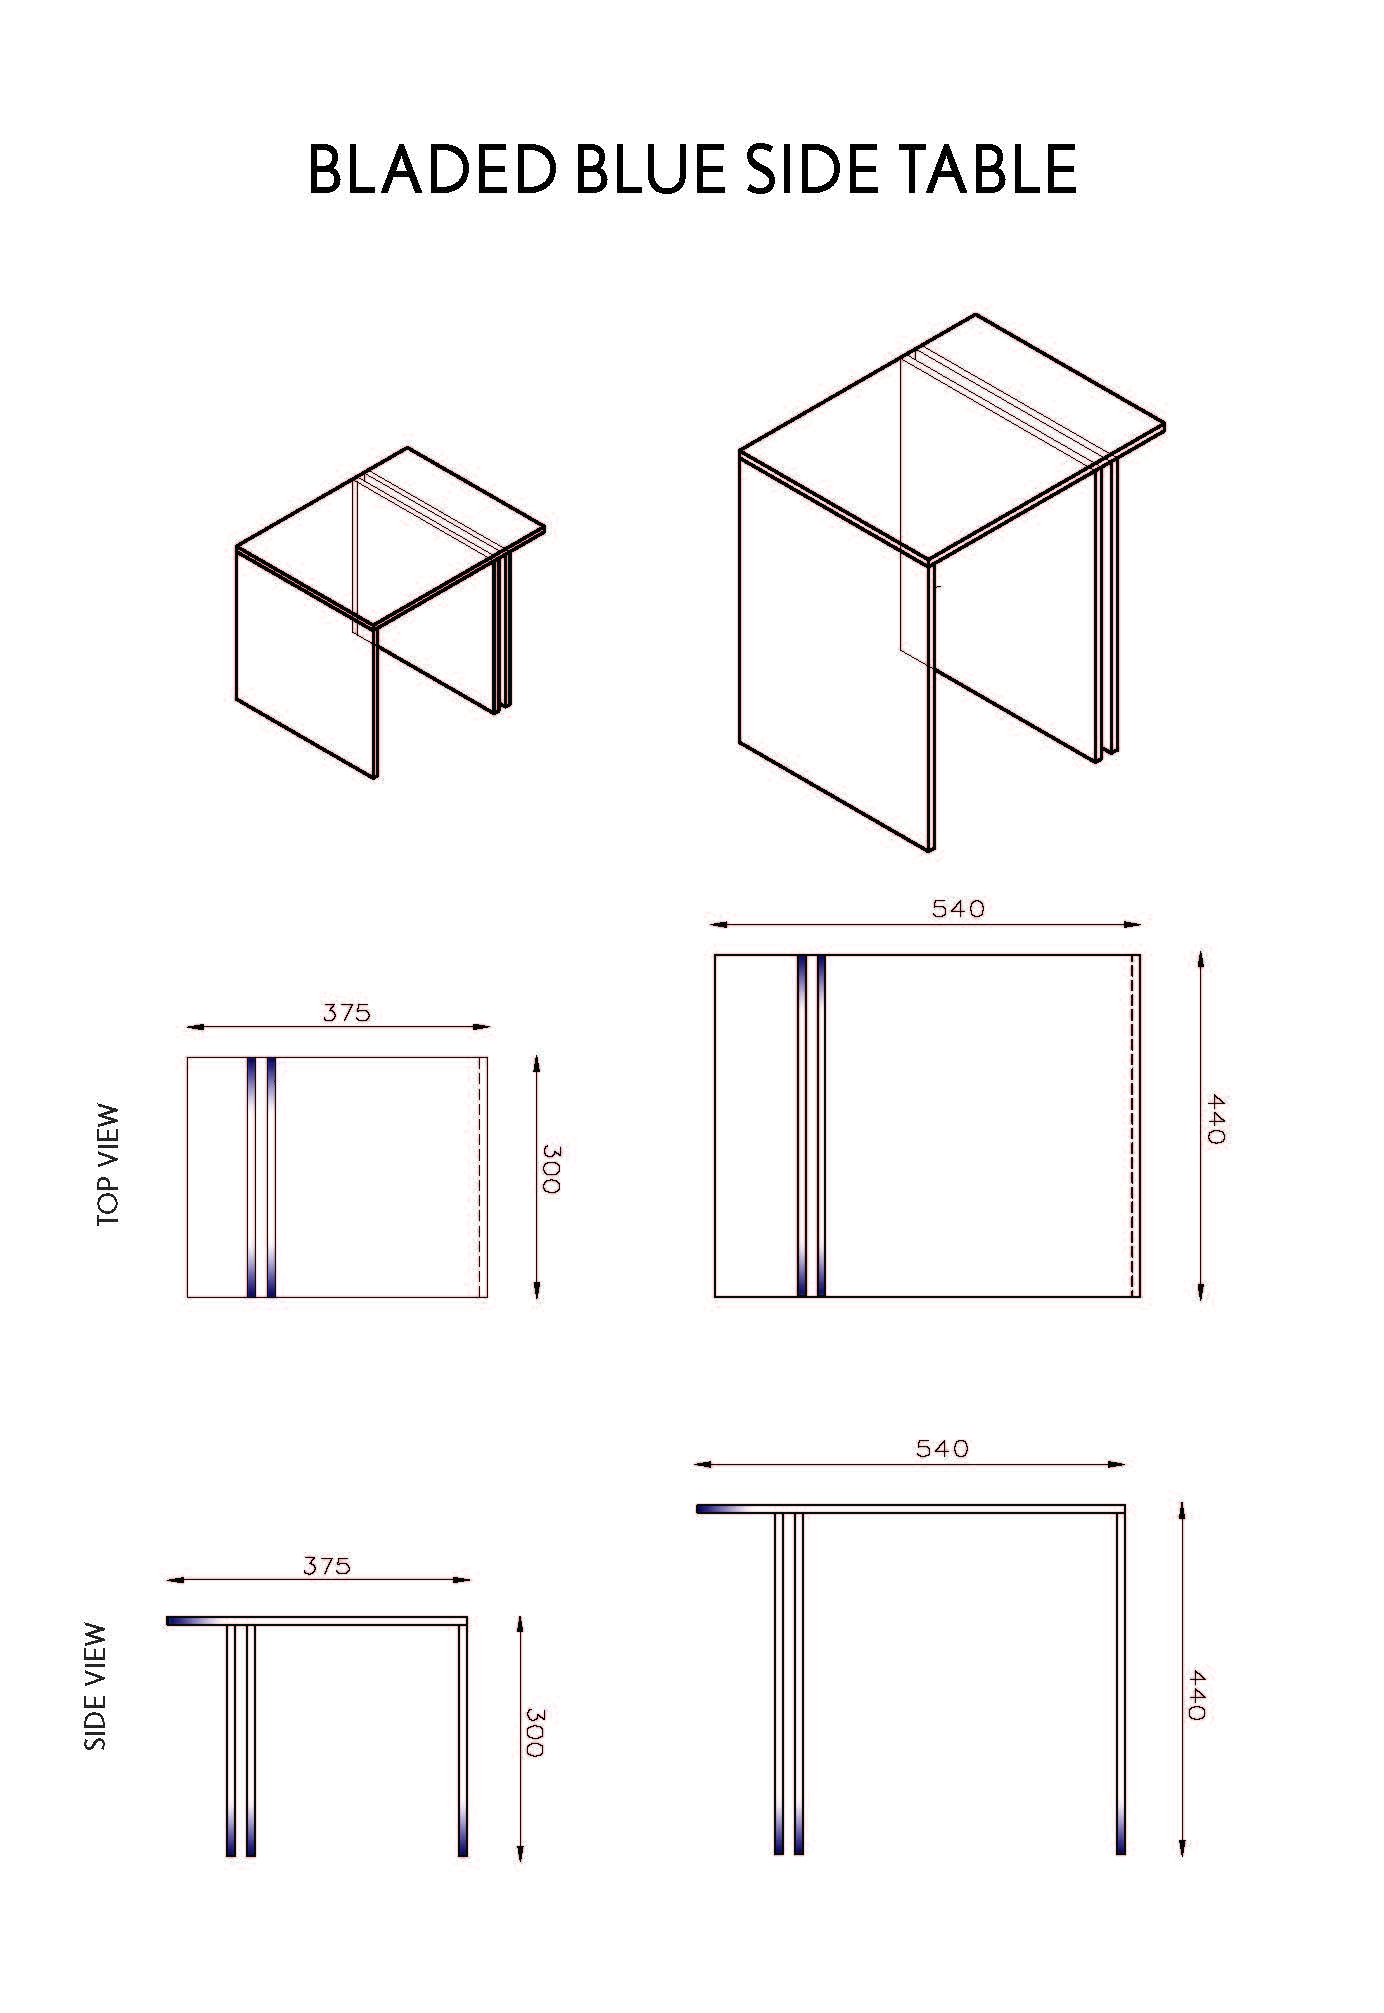 Bladedblue_measurement